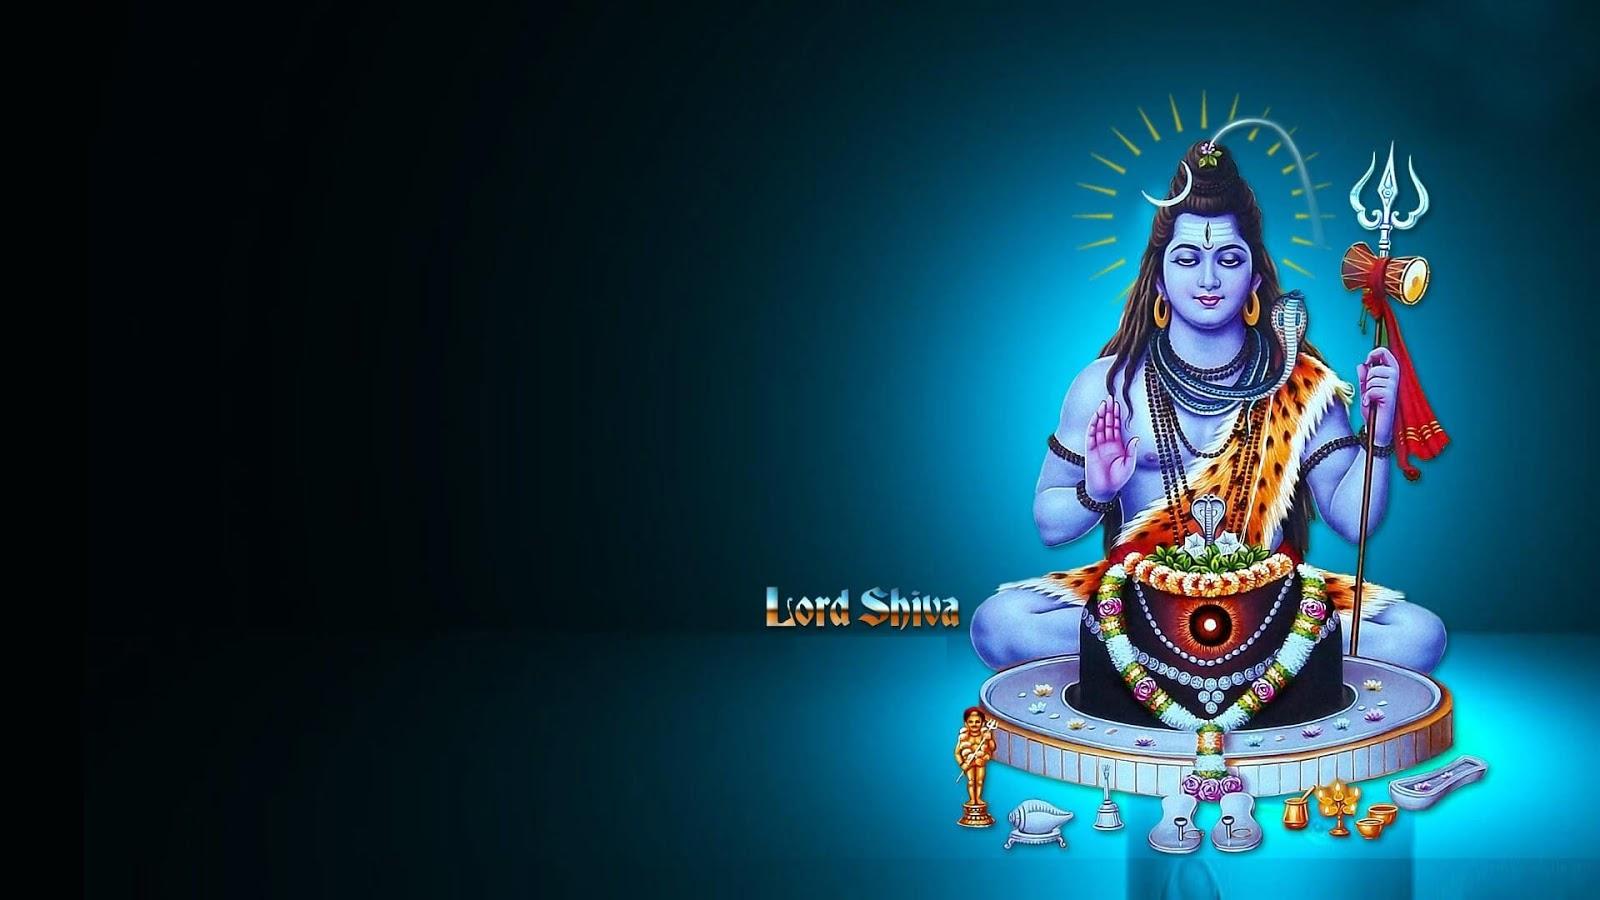 Maha Shivratri HD Wallpaper Download